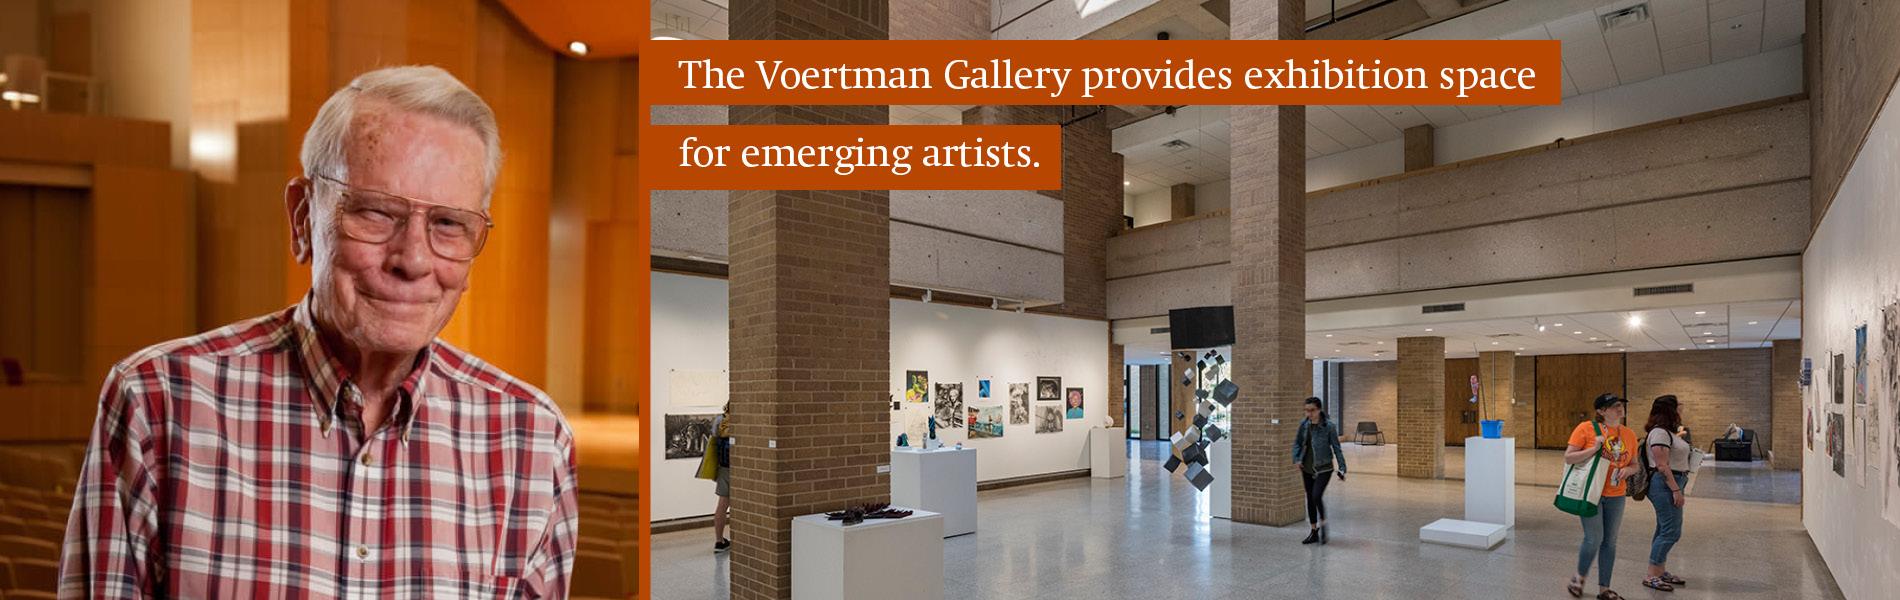 Paul Voertman and the Voertman Gallery in the Art Building